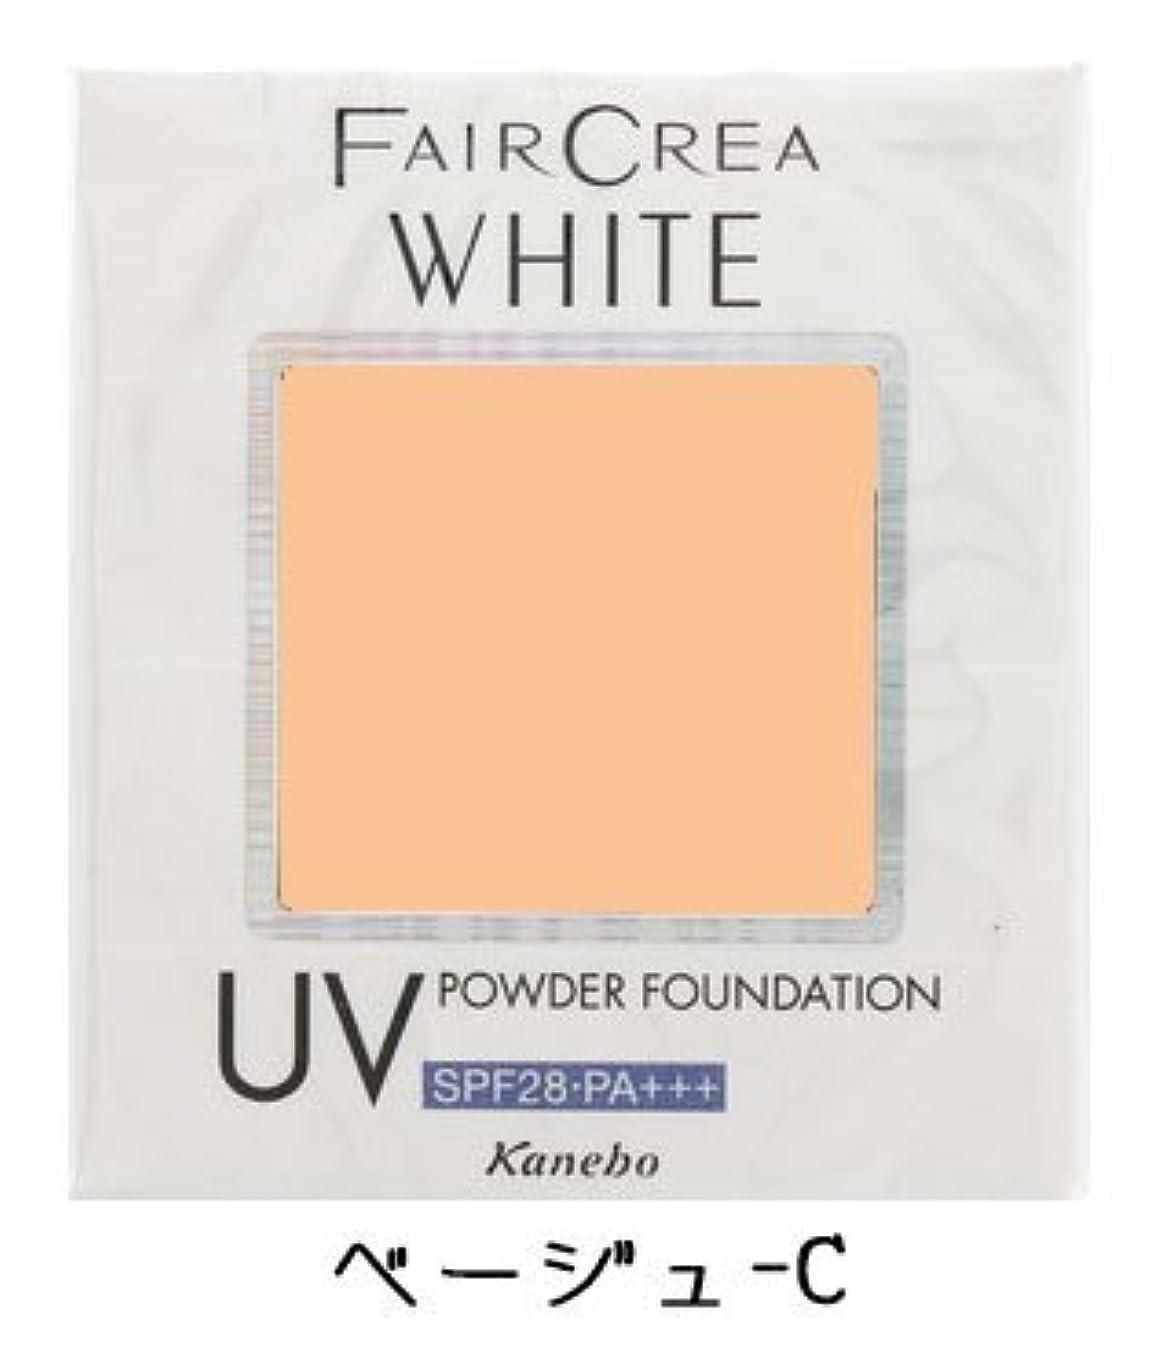 見つける同封するゲインセイカネボウ フェアクレア ホワイトUVパウダーファンデーション《10g》<カラー:ベージュC>